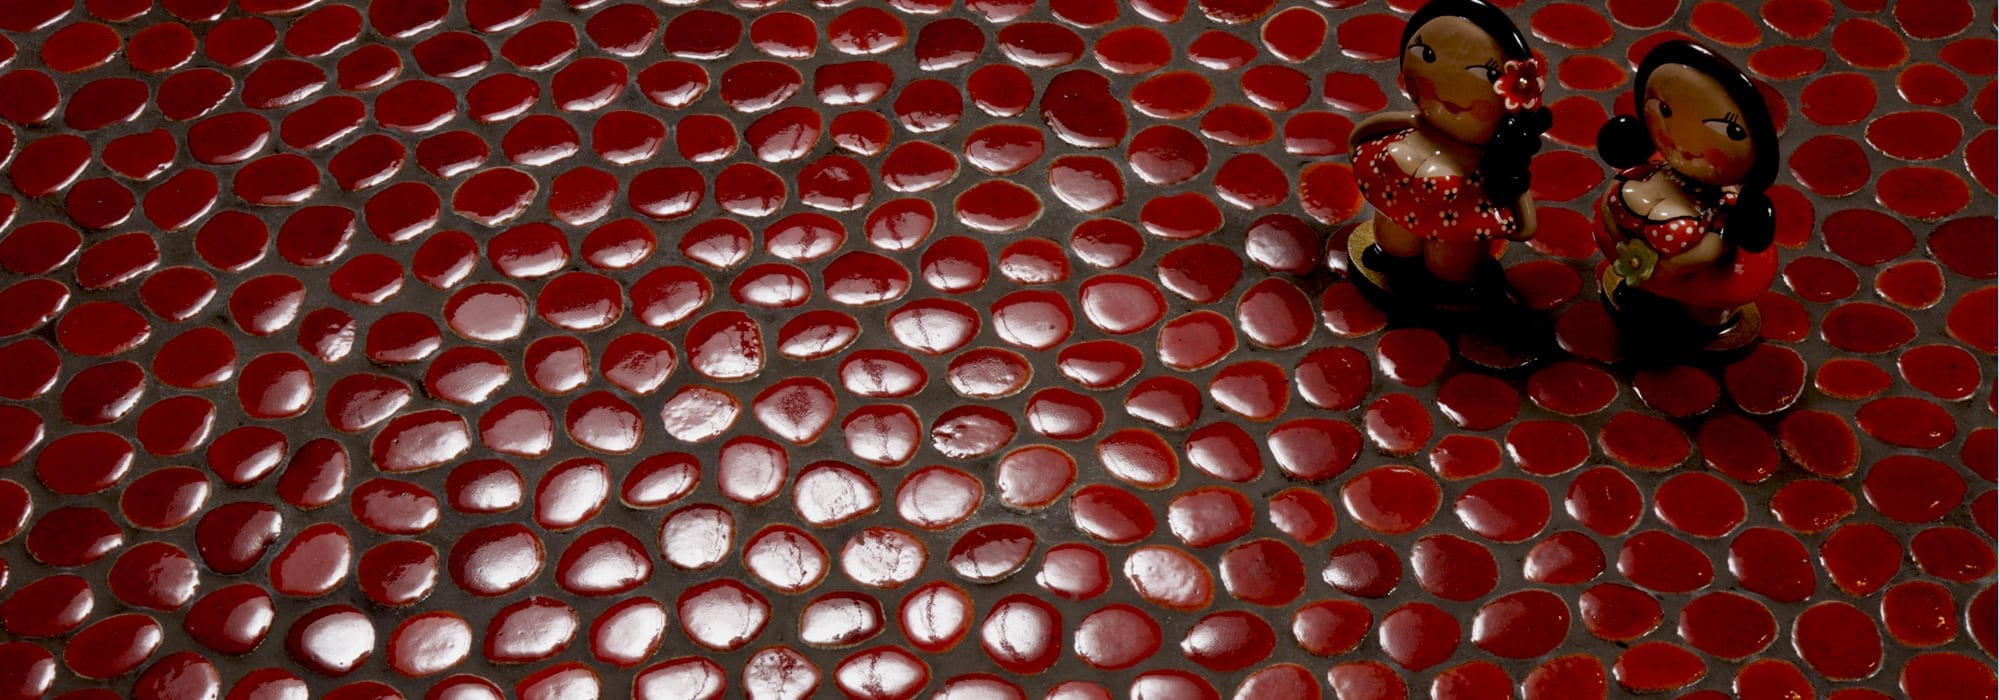 פסיפס קרמיקה בועות אדום by Milstone